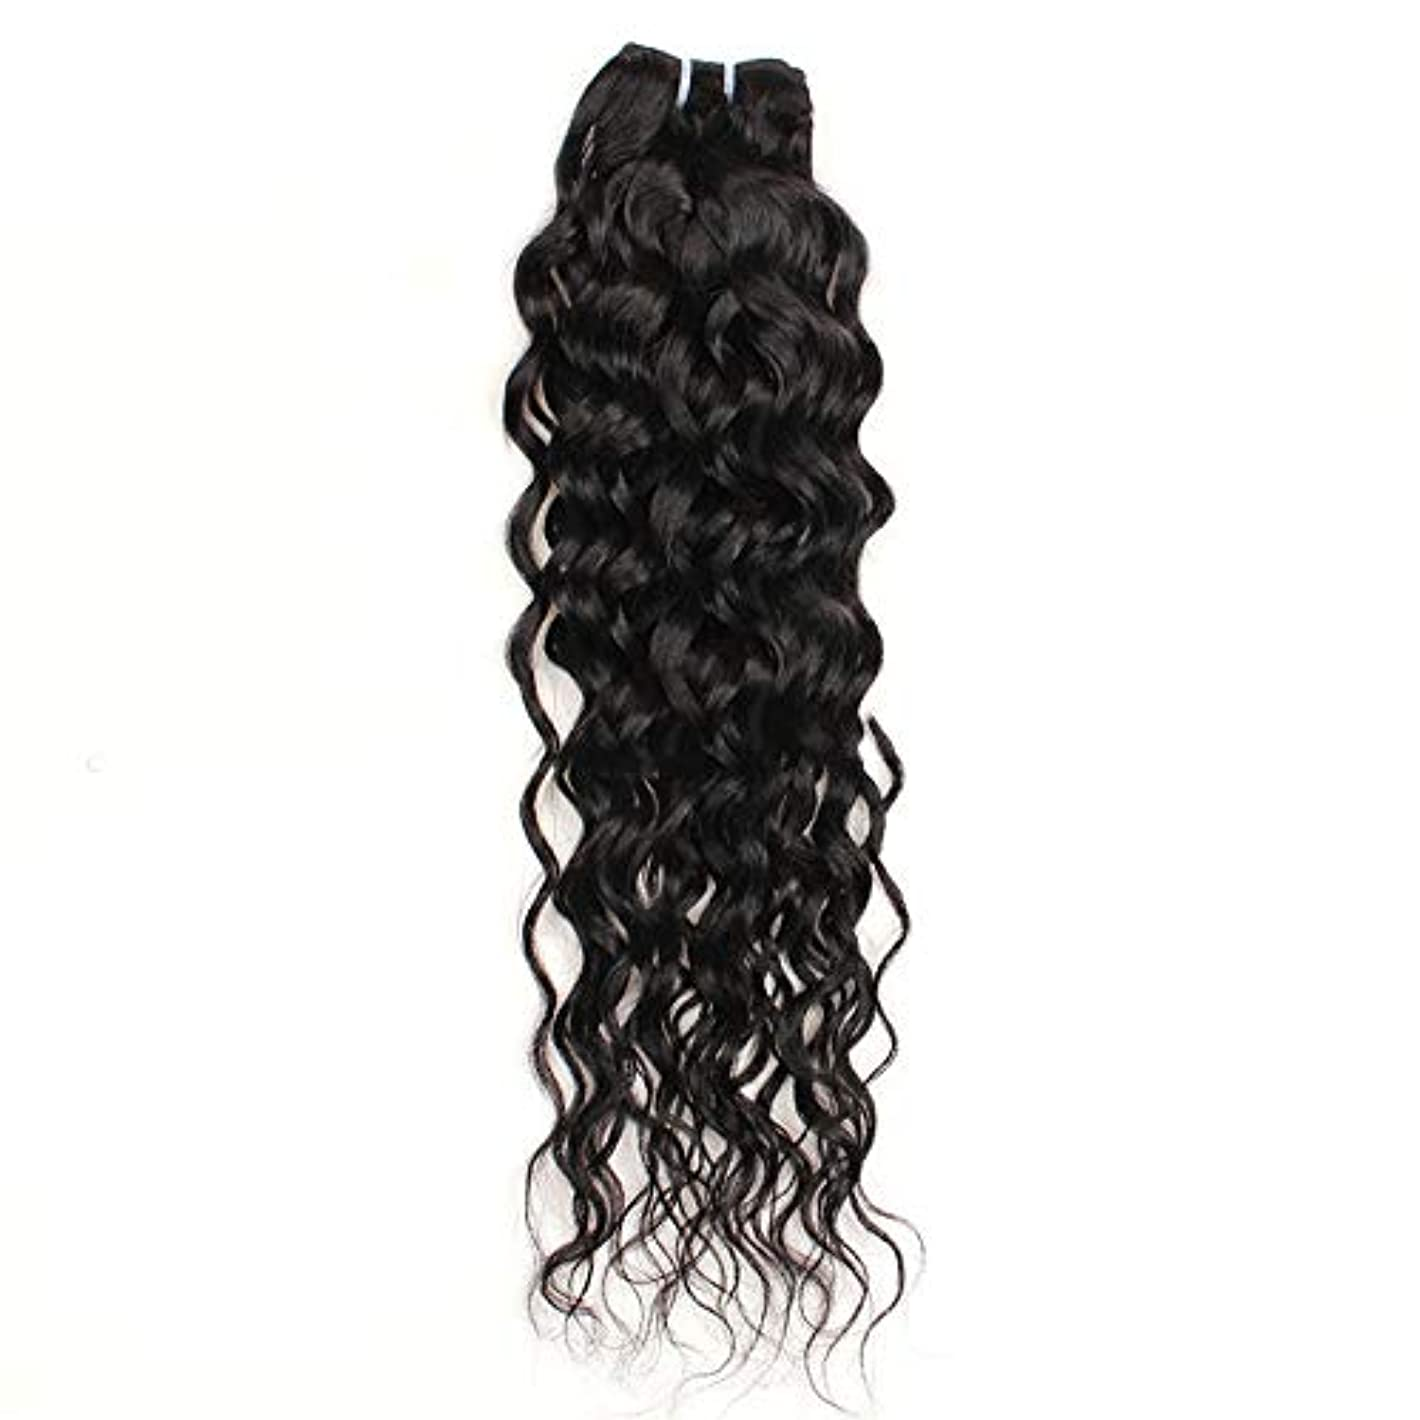 血まみれ指定するずるいWASAIO ブラジルレアル人間の髪ウォーター織り閉鎖ボディウェーブ拡張リアルな鮮やかさ100グラム/バンドル10インチ、26インチ (色 : 黒, サイズ : 18 inch)